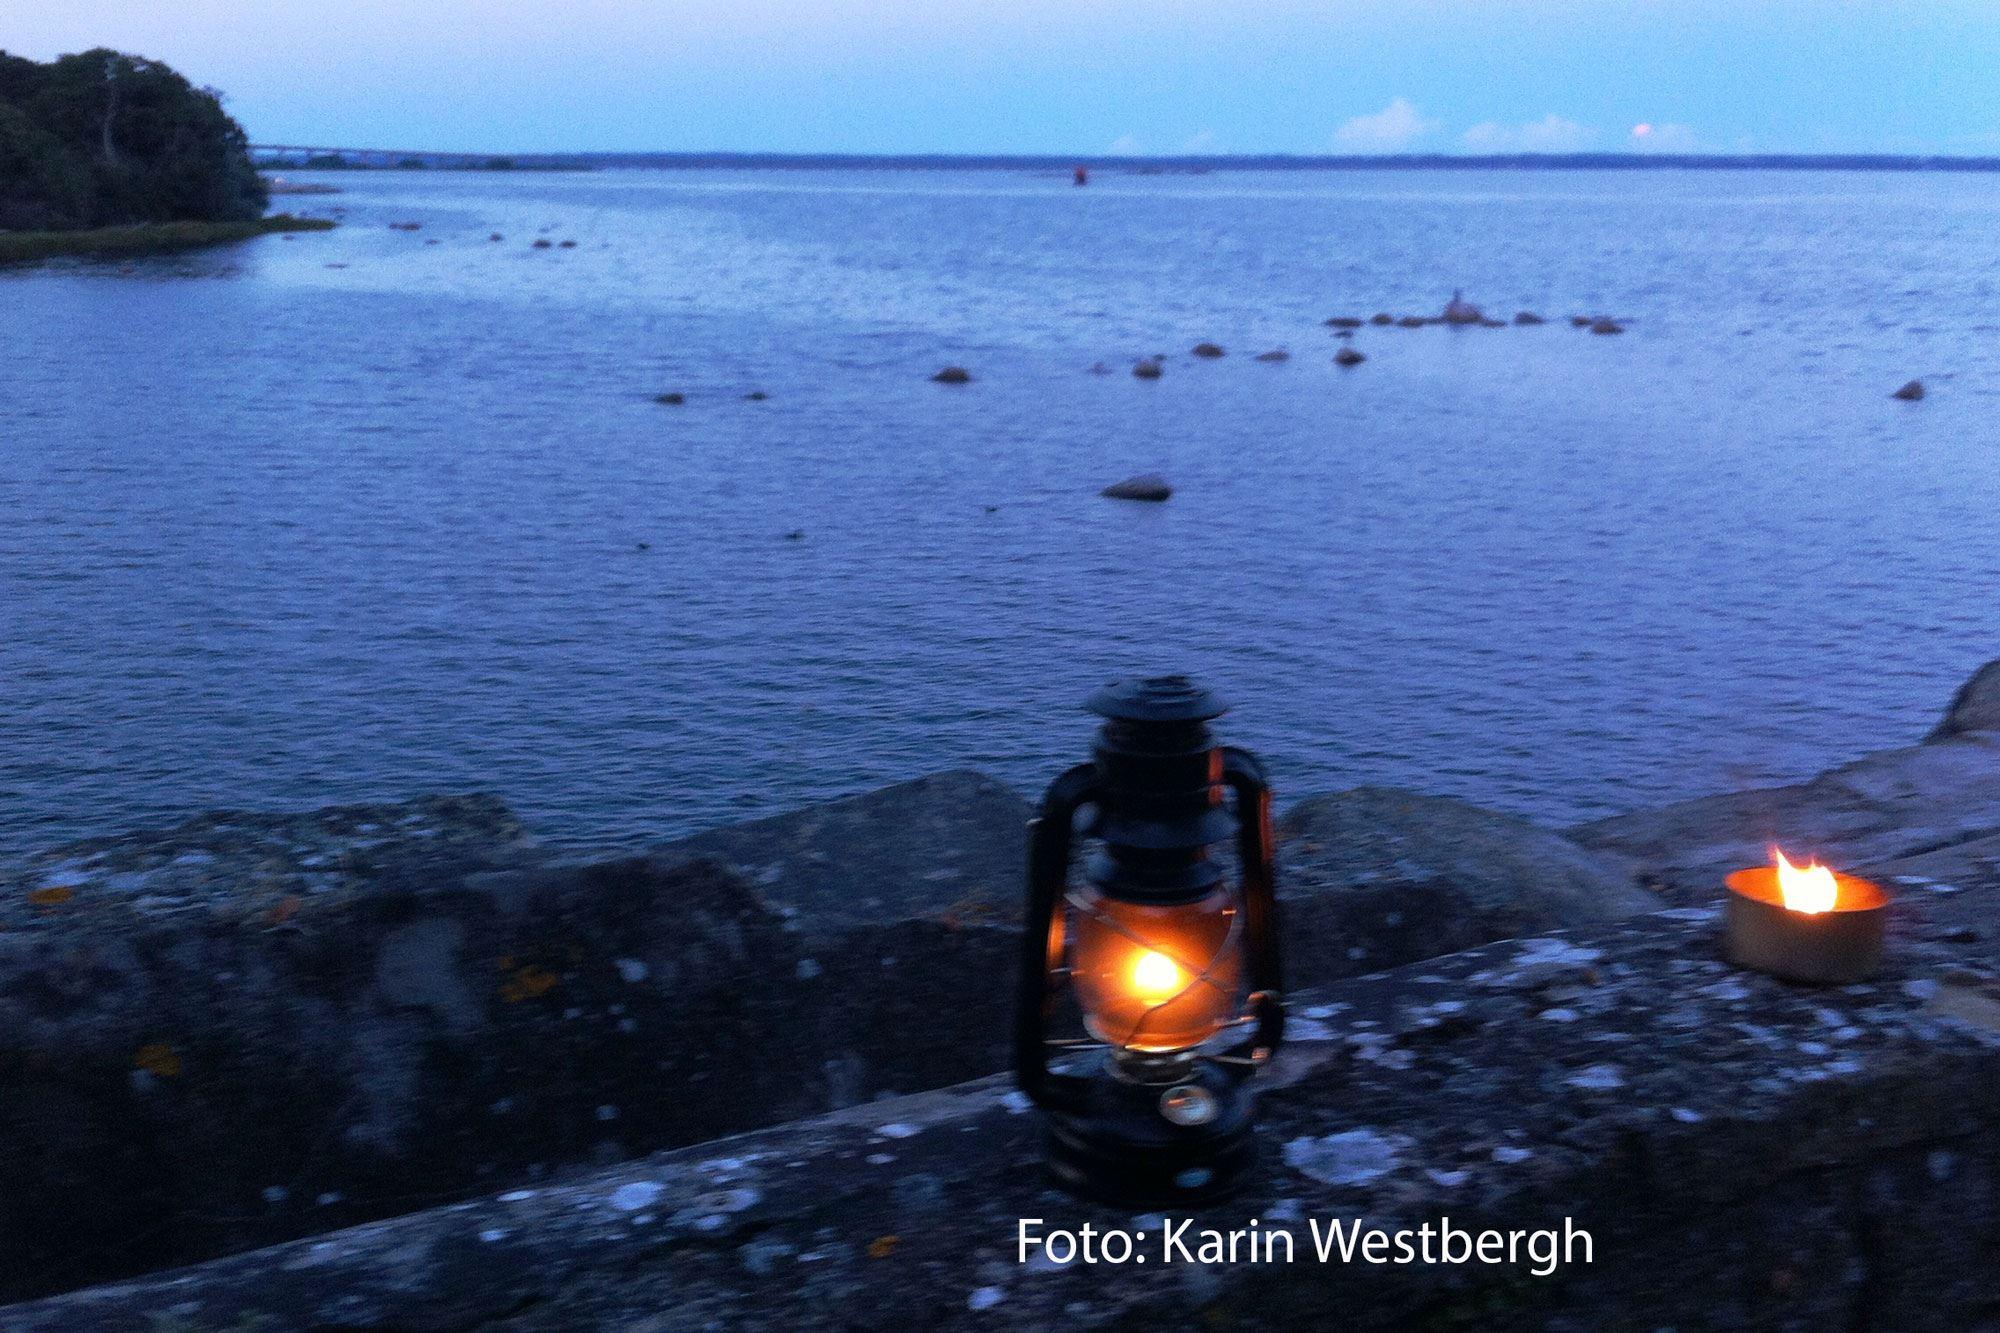 Farliga rackare och elaka spöken - en mörkervandring i Kalmar